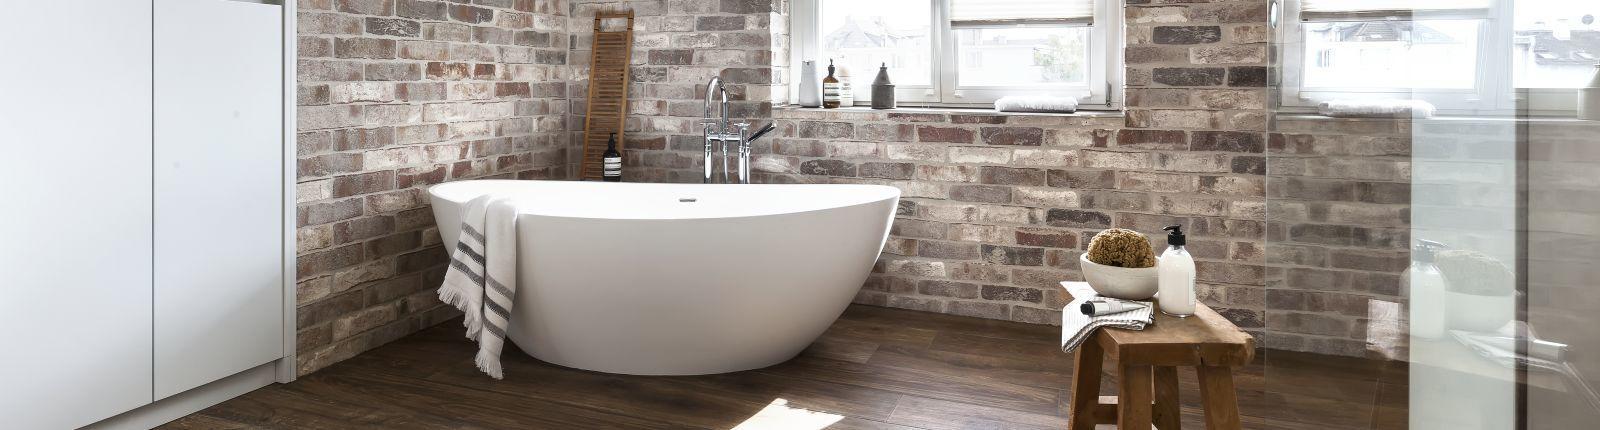 badezimmer altbau, referenzen/badezimmer-mit-altbau-charme | kirchgässner, Badezimmer